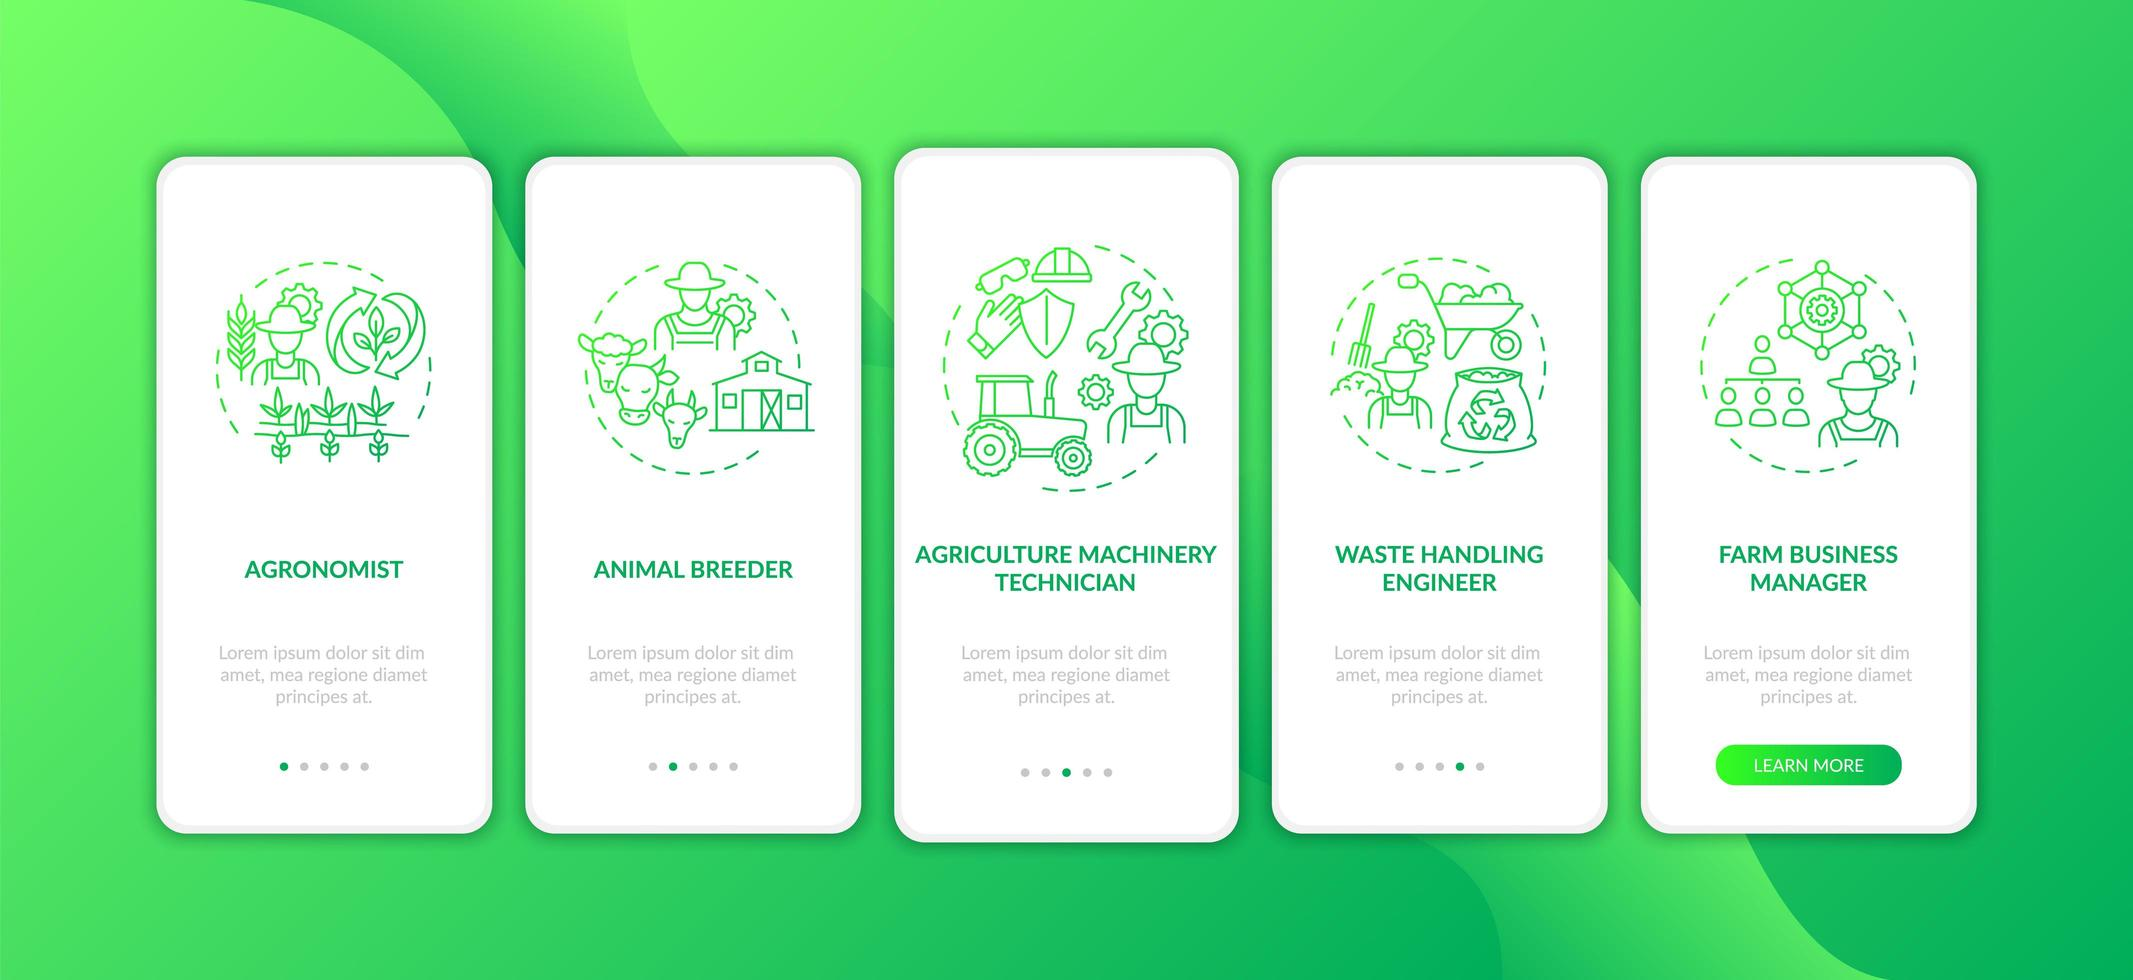 Las mejores carreras agrícolas incorporan la pantalla de la página de la aplicación móvil con conceptos vector